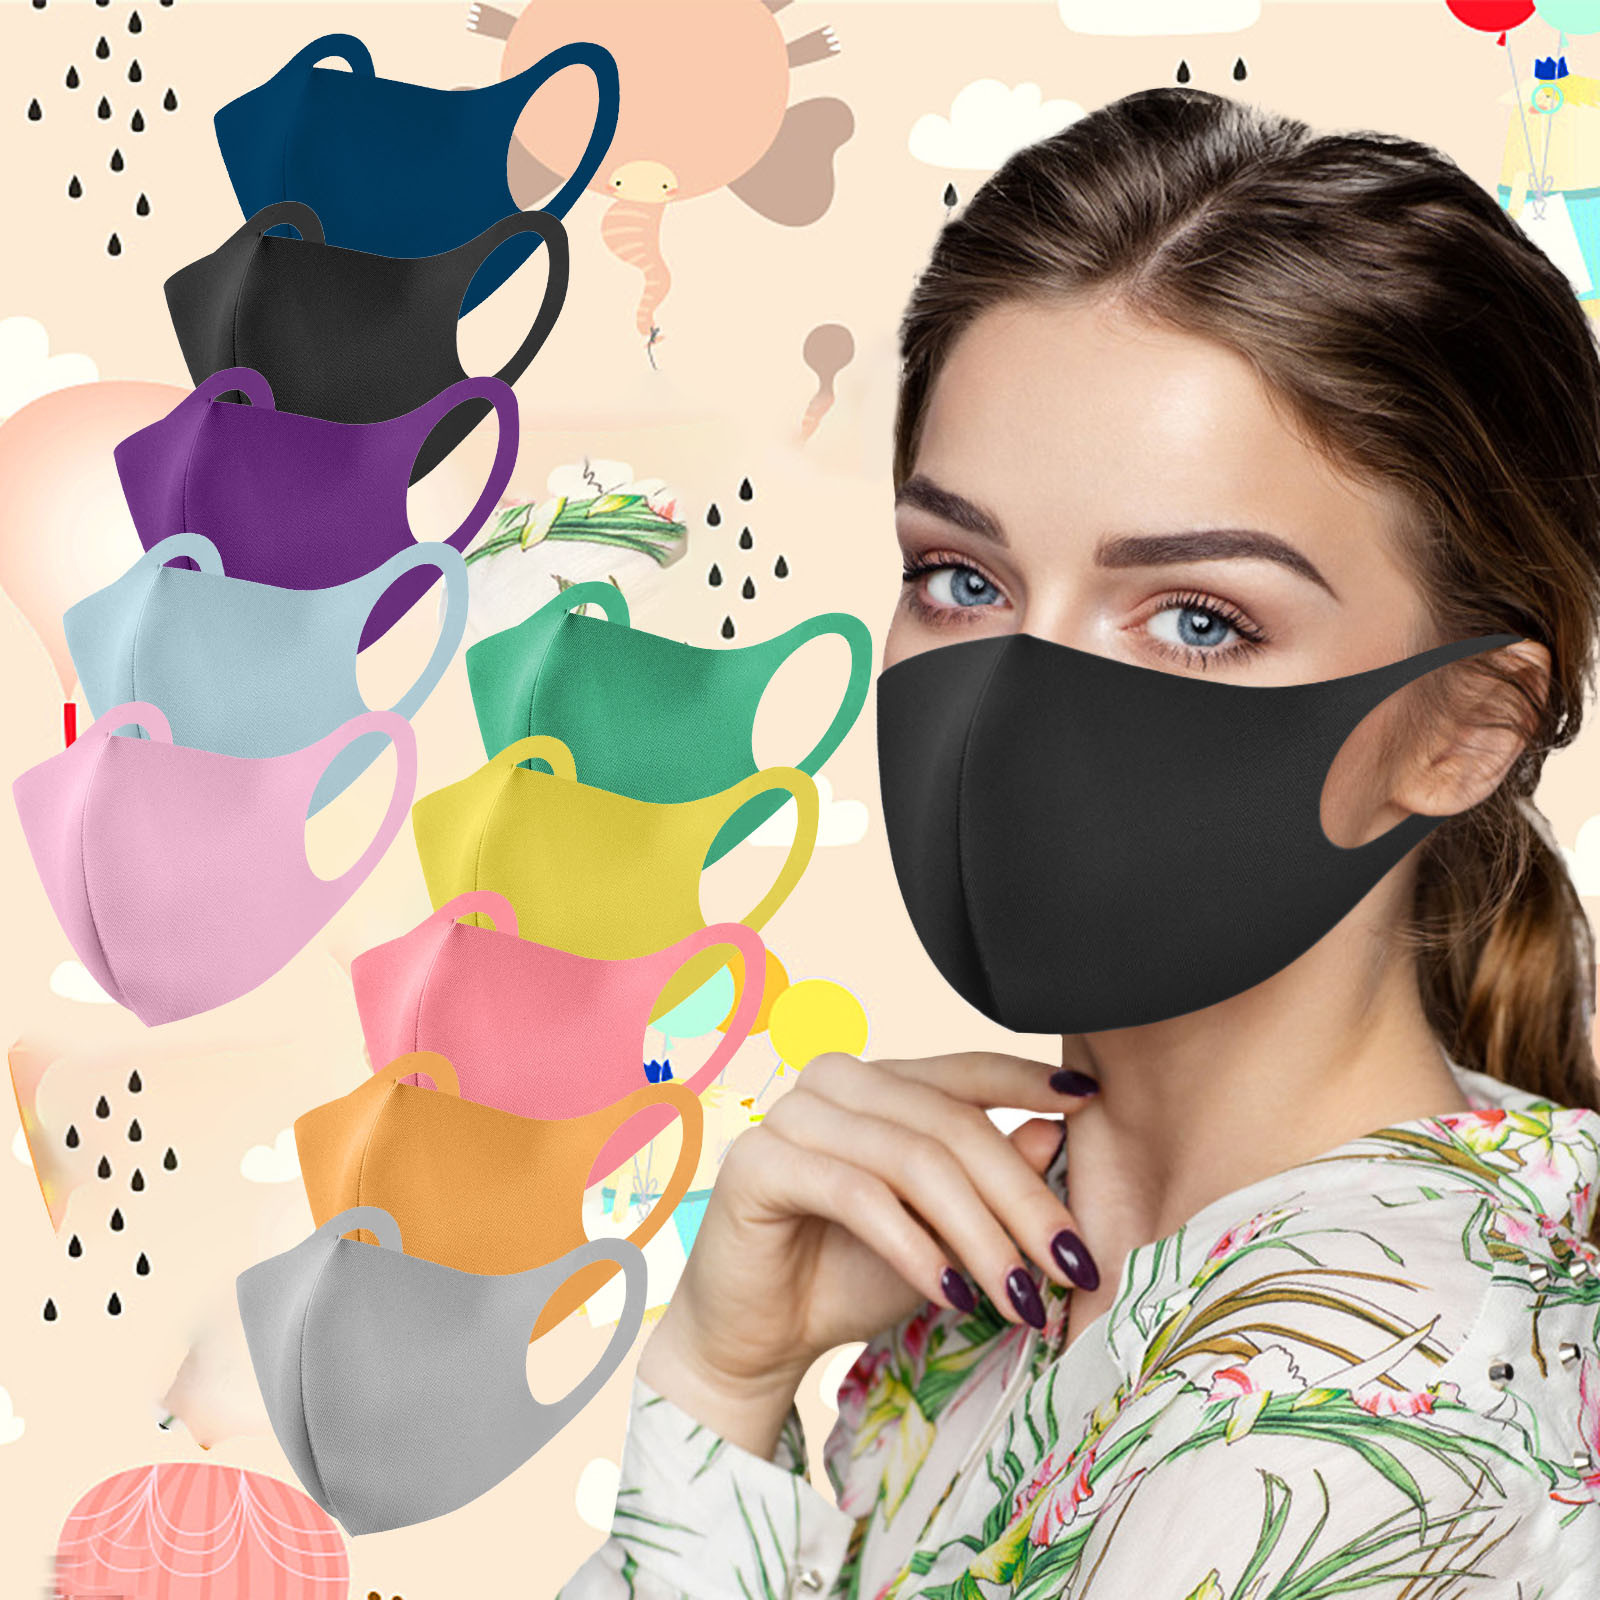 7 шт. Одноразовые черные чехлы рот маска для взрослых Твердый защитный маски для лица Mascarilla Imprimida Maseczka Ochronna